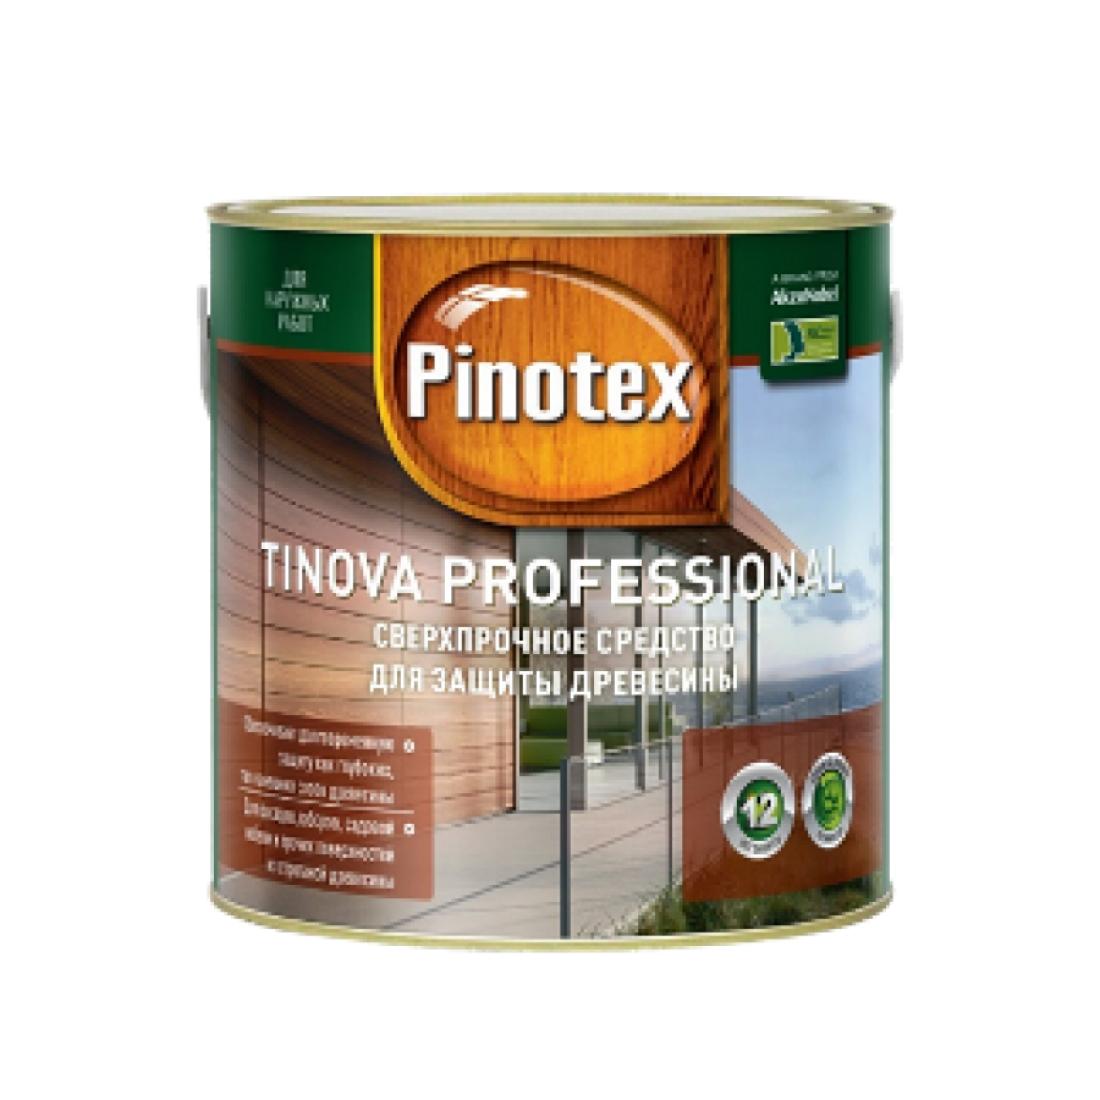 PINOTEX TINOVA цветной антисептик для профессиональной защиты, гарантия 12 лет! (0,75 л) База под колеровку